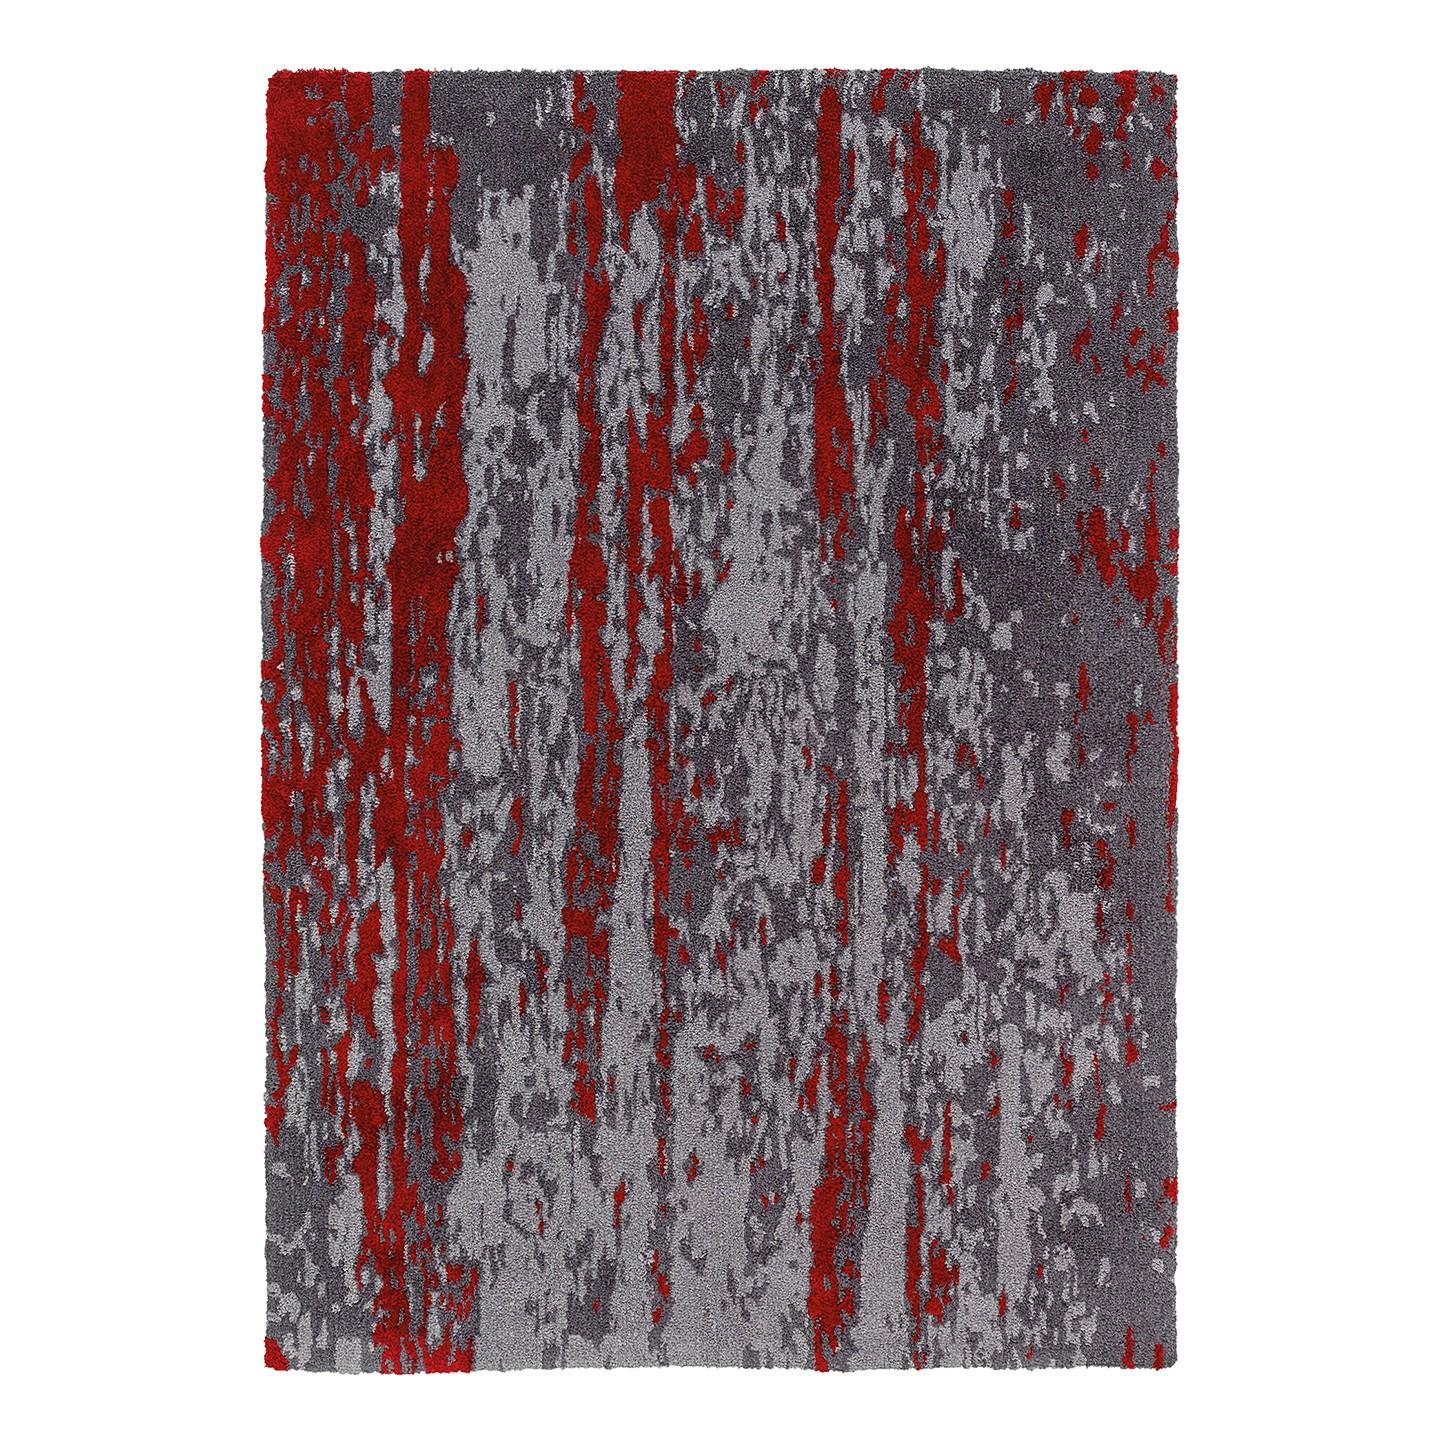 Teppich Impression - Kunstfaser - Grau / Weinrot - 120 x 180 cm, Schöner Wohnen Kollektion